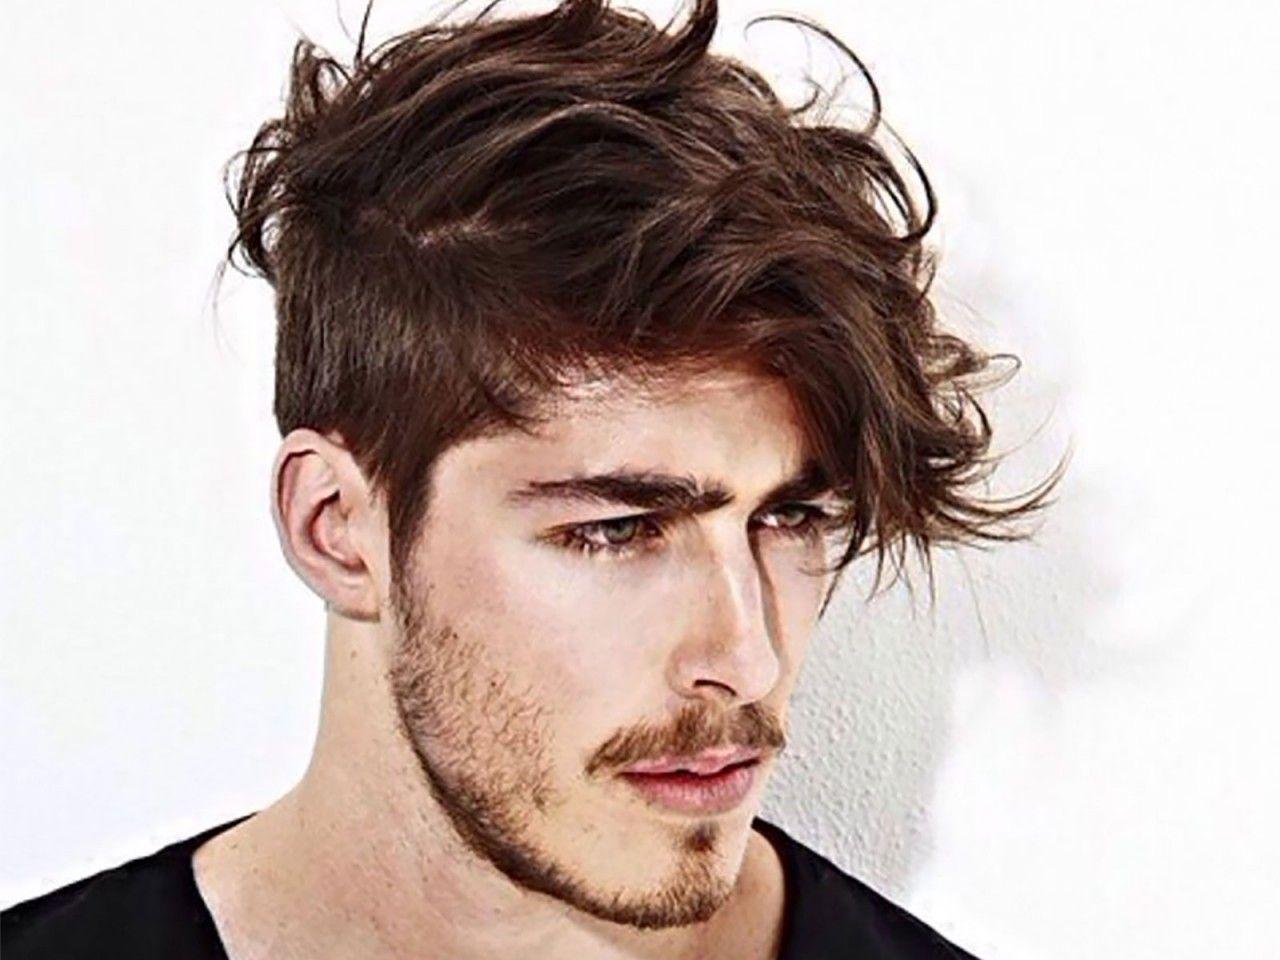 De Undercut De Trend Bij Mannen Rinie Kappers Kapsels Mannen Mannen Korte Kapsels Opgeschoren Kort Haar